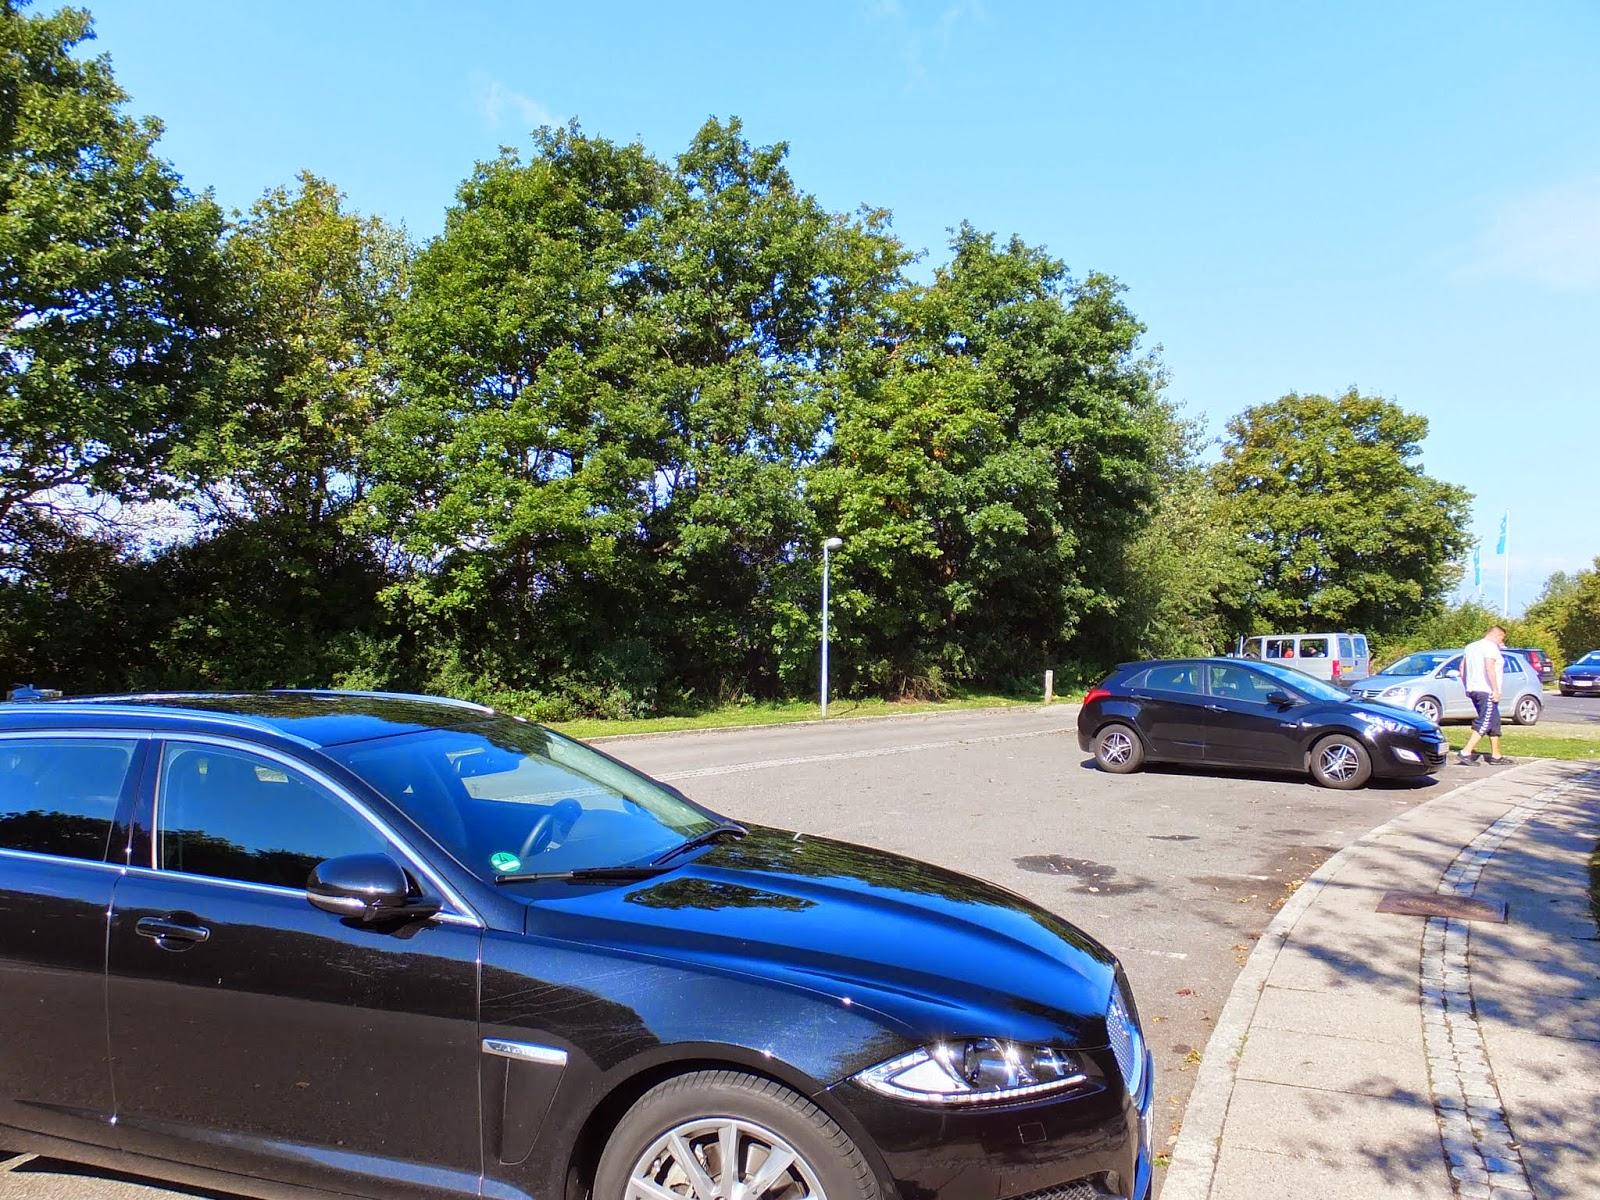 germany-highway-restarea ドイツのパーキングエリア